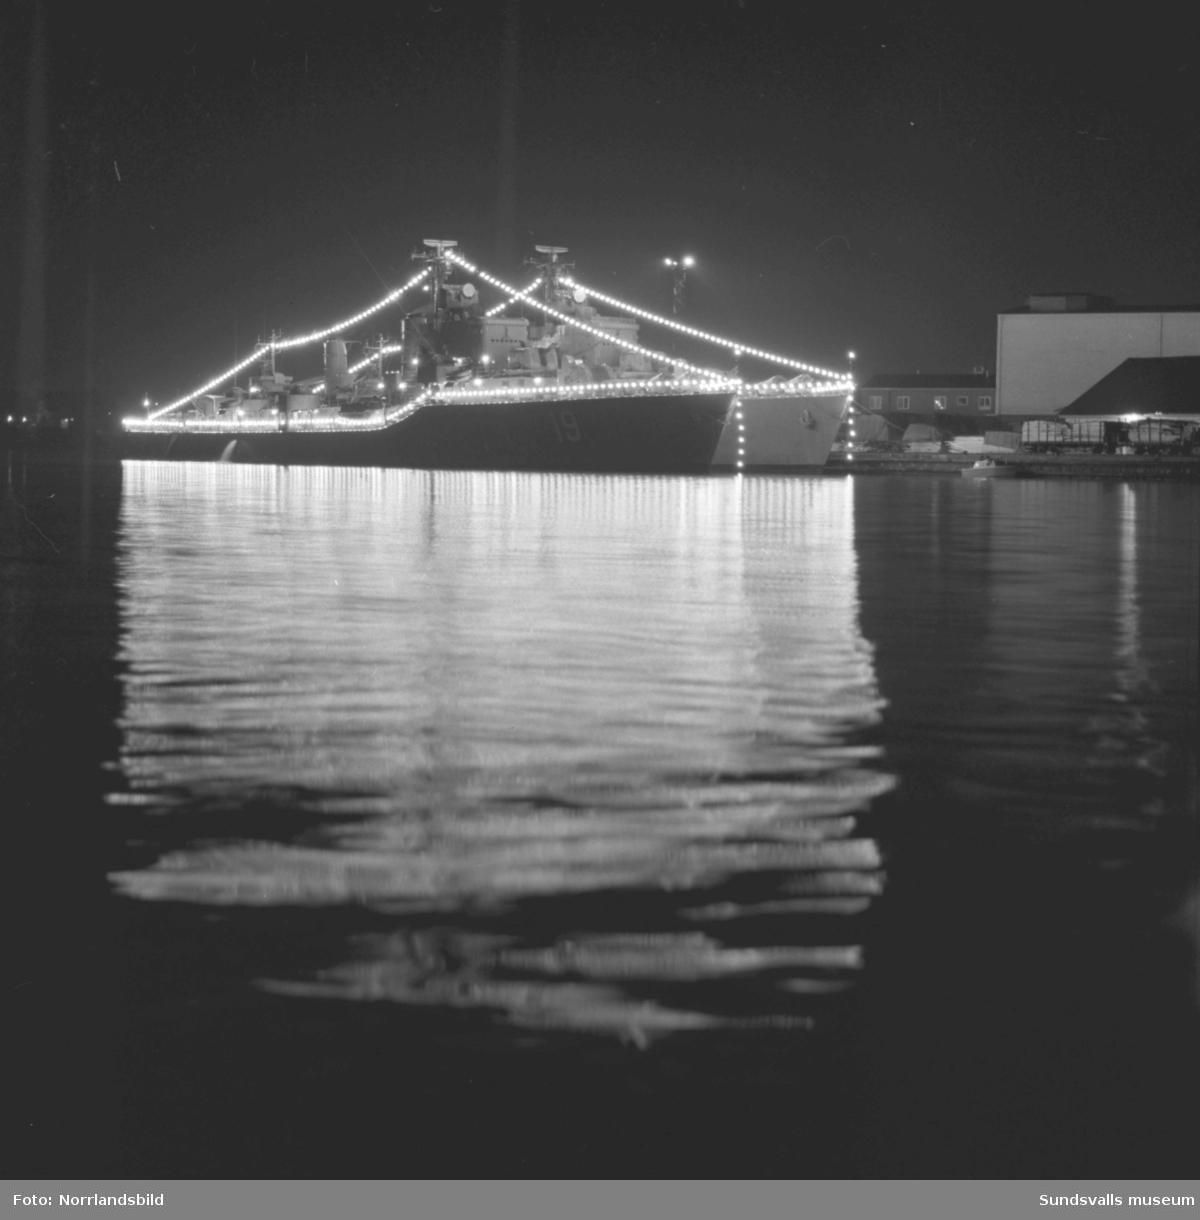 Två jagare i Sundsvalls hamn, HMS Småland och HMS Halland. Vacker kvällsbild.